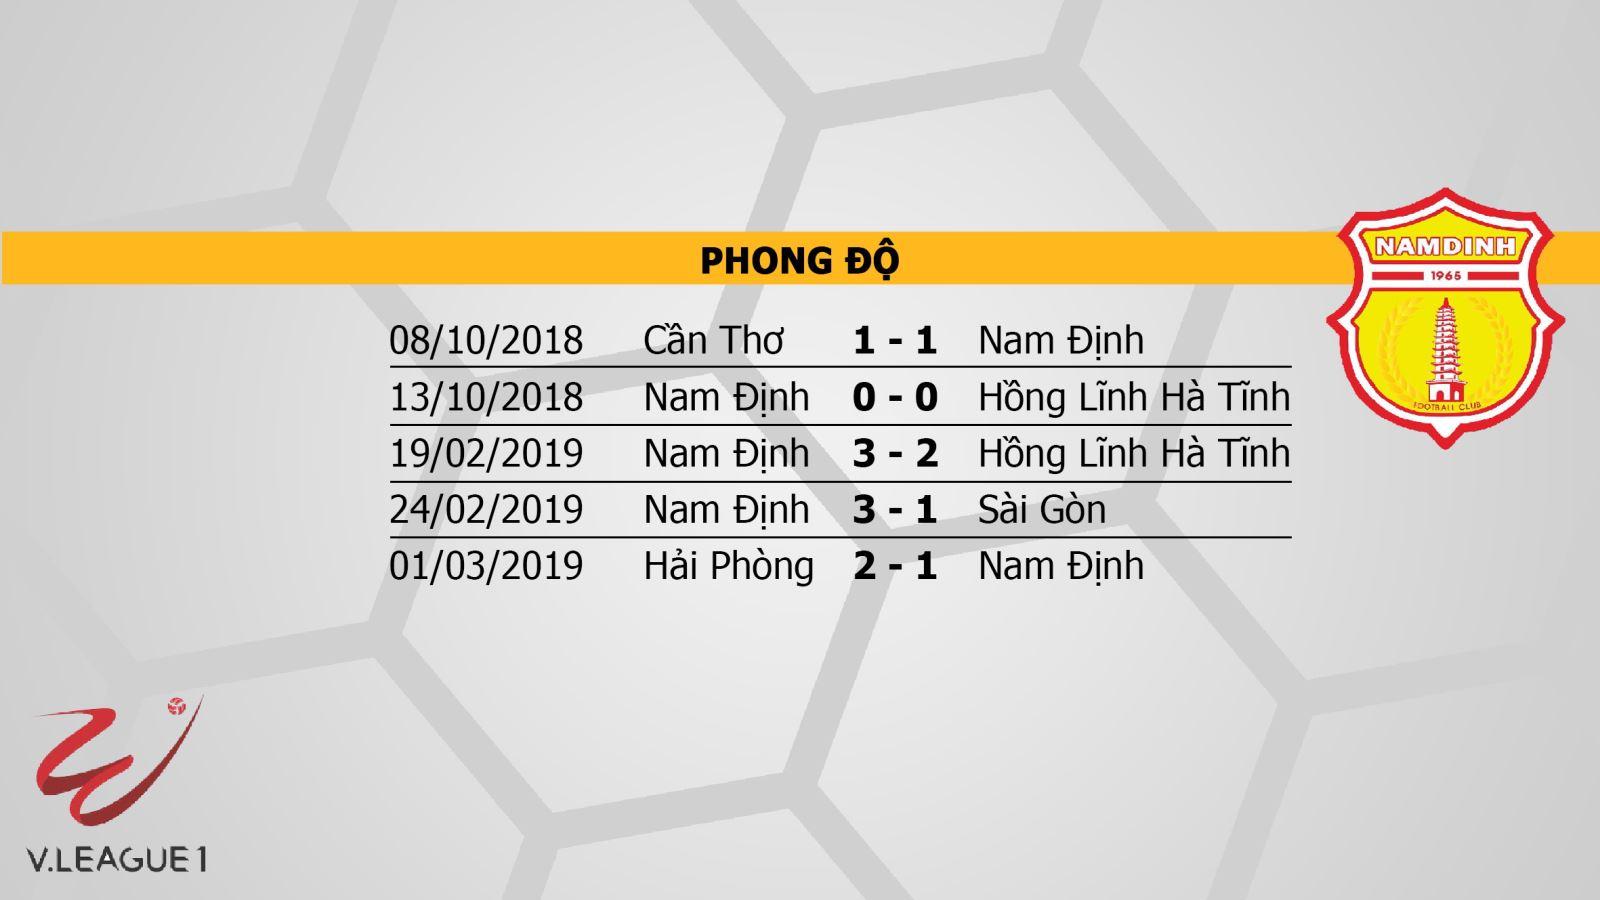 TP.HCM vs Nam Định, Trực tiếp bóng đá, Trực tiếp TP.HCM vs Nam Định, HTV Thể thao, Xem HTV, link xem trực tiếp TP.HCM, xem trực tiếp Nam Định ở đâu, VLeague 2019, vòng 3 V League 2019